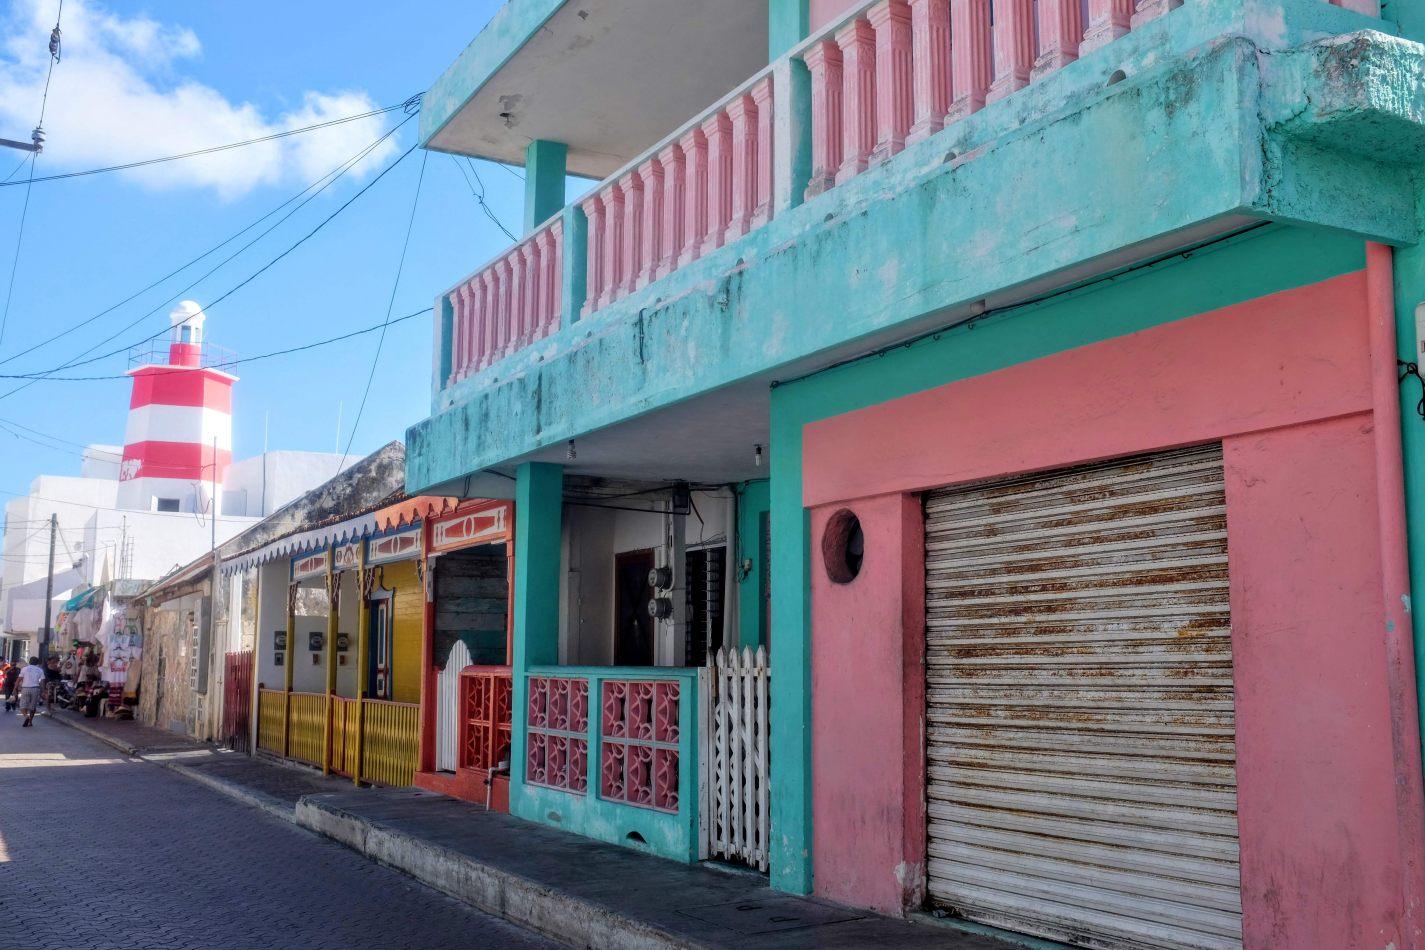 Hibiscus & Nomada : - - Streets of Isla Mujeres